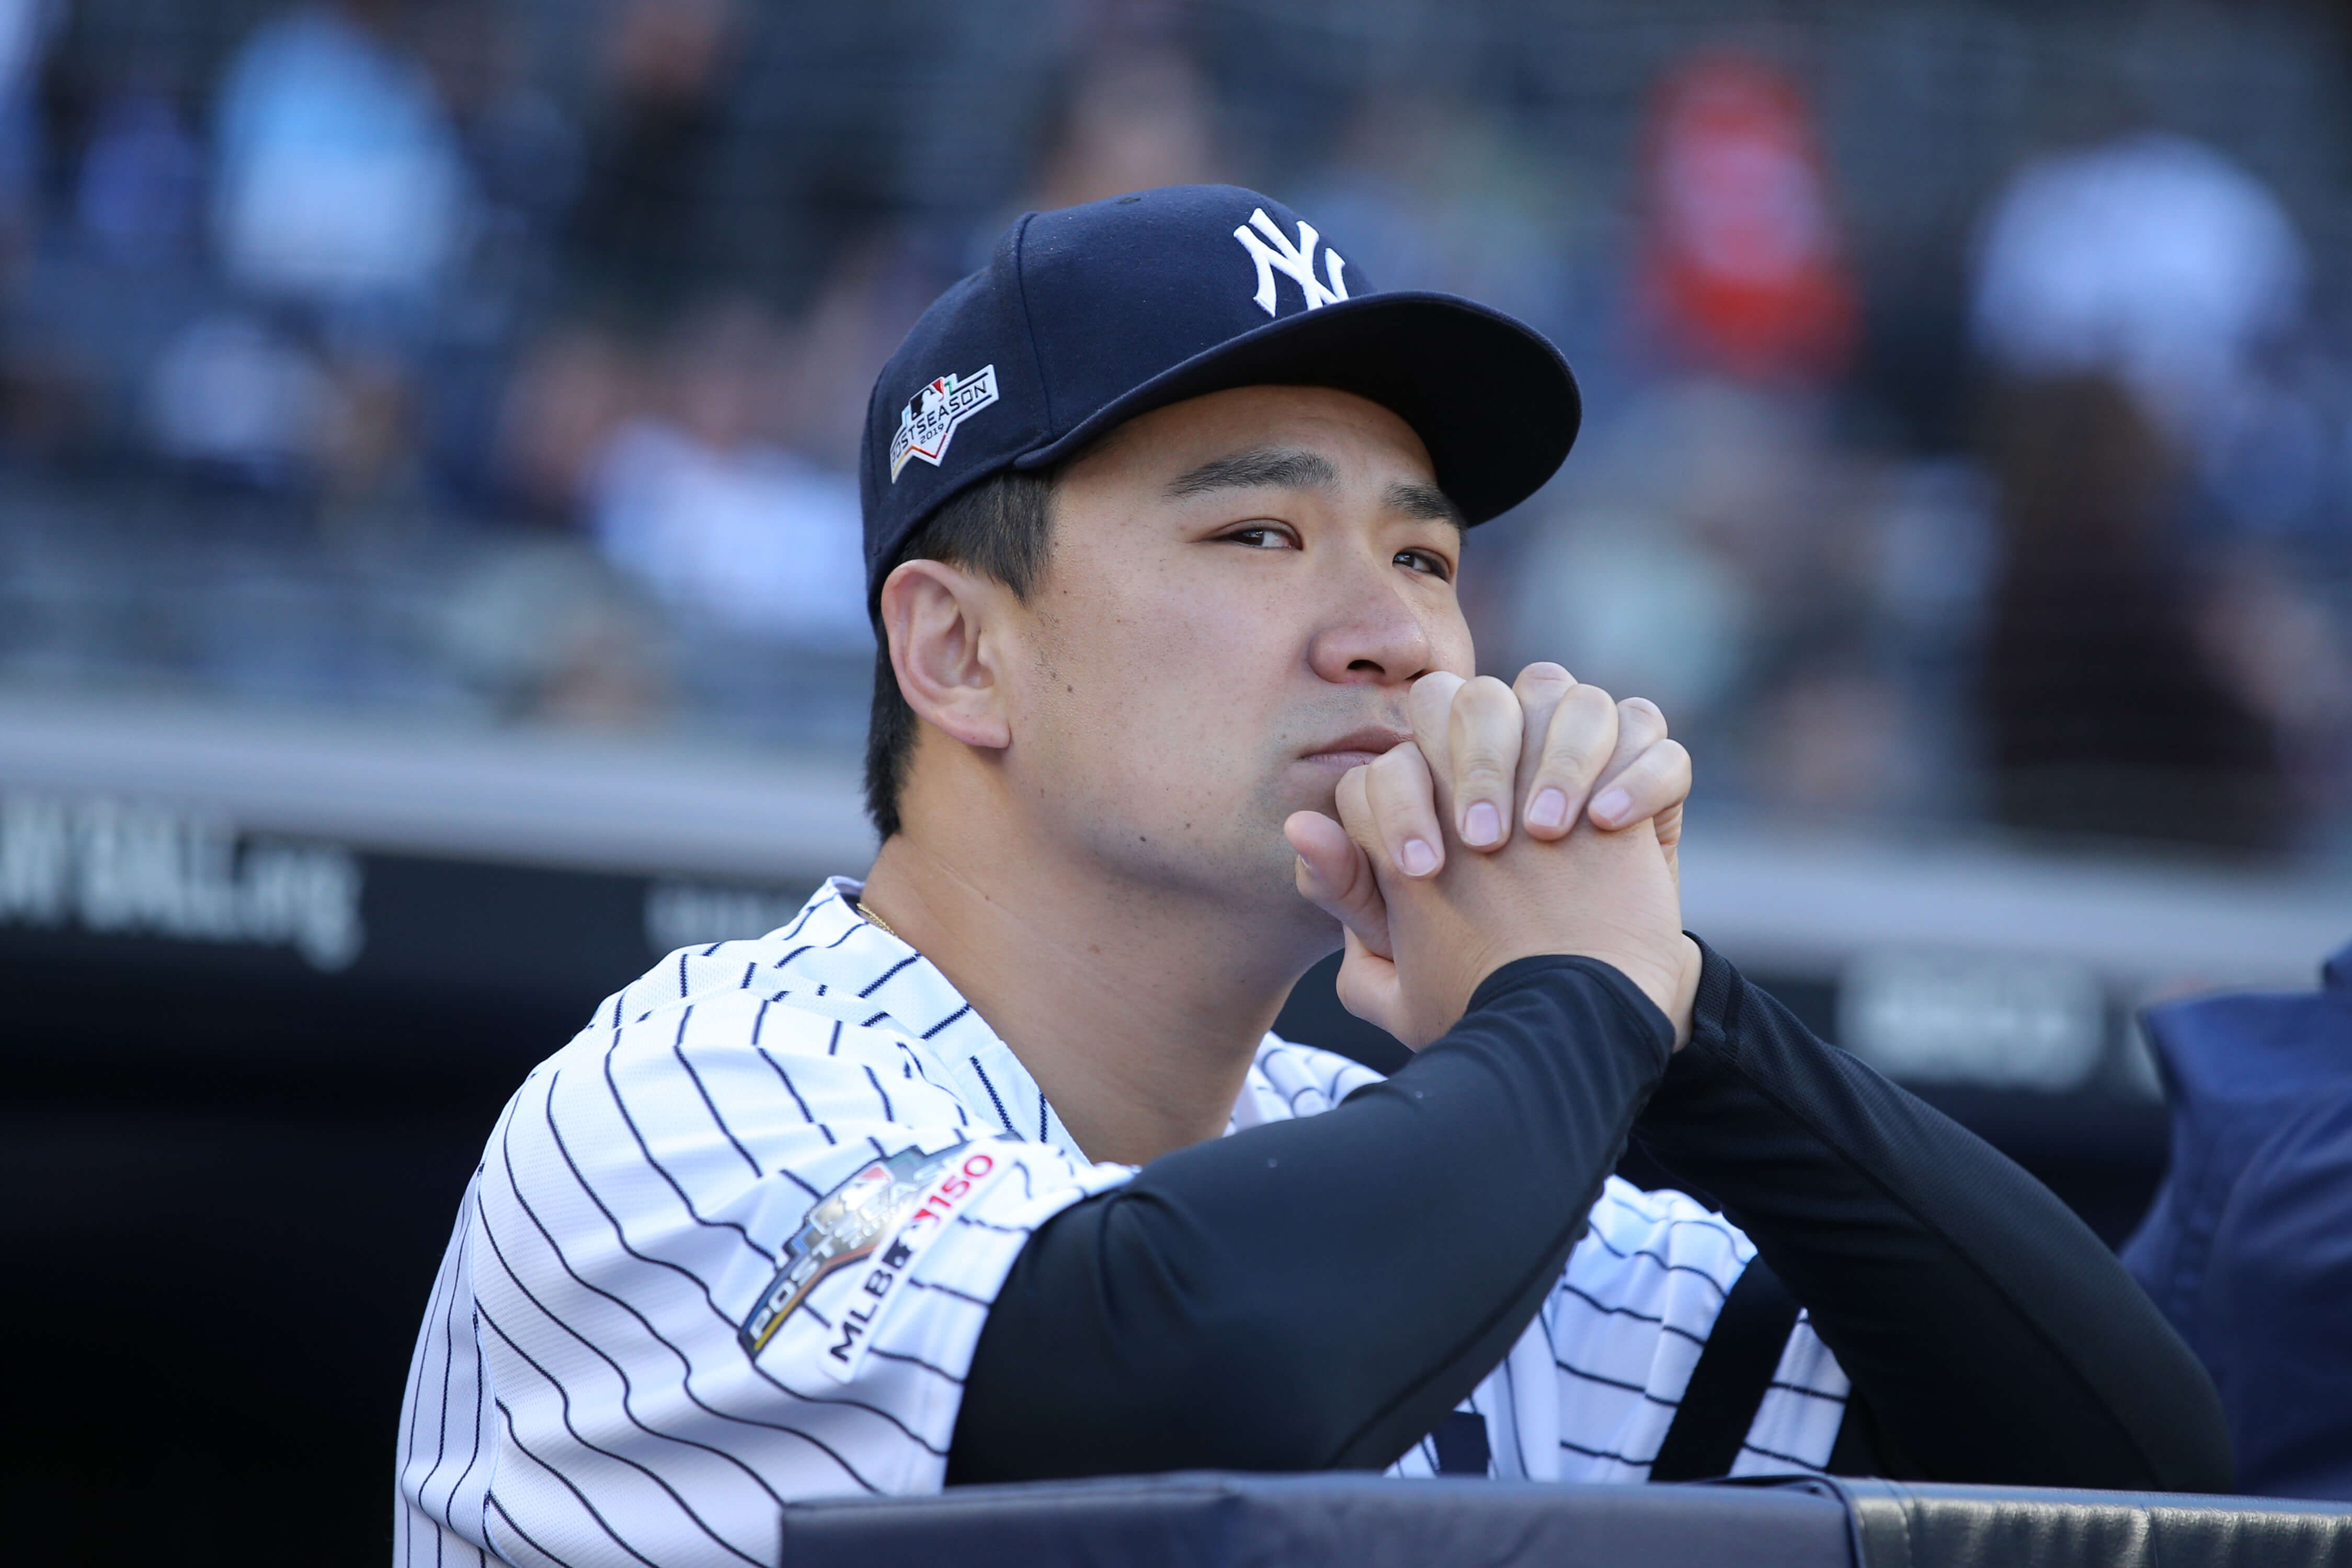 New York Yankees, Masahiro Tanaka